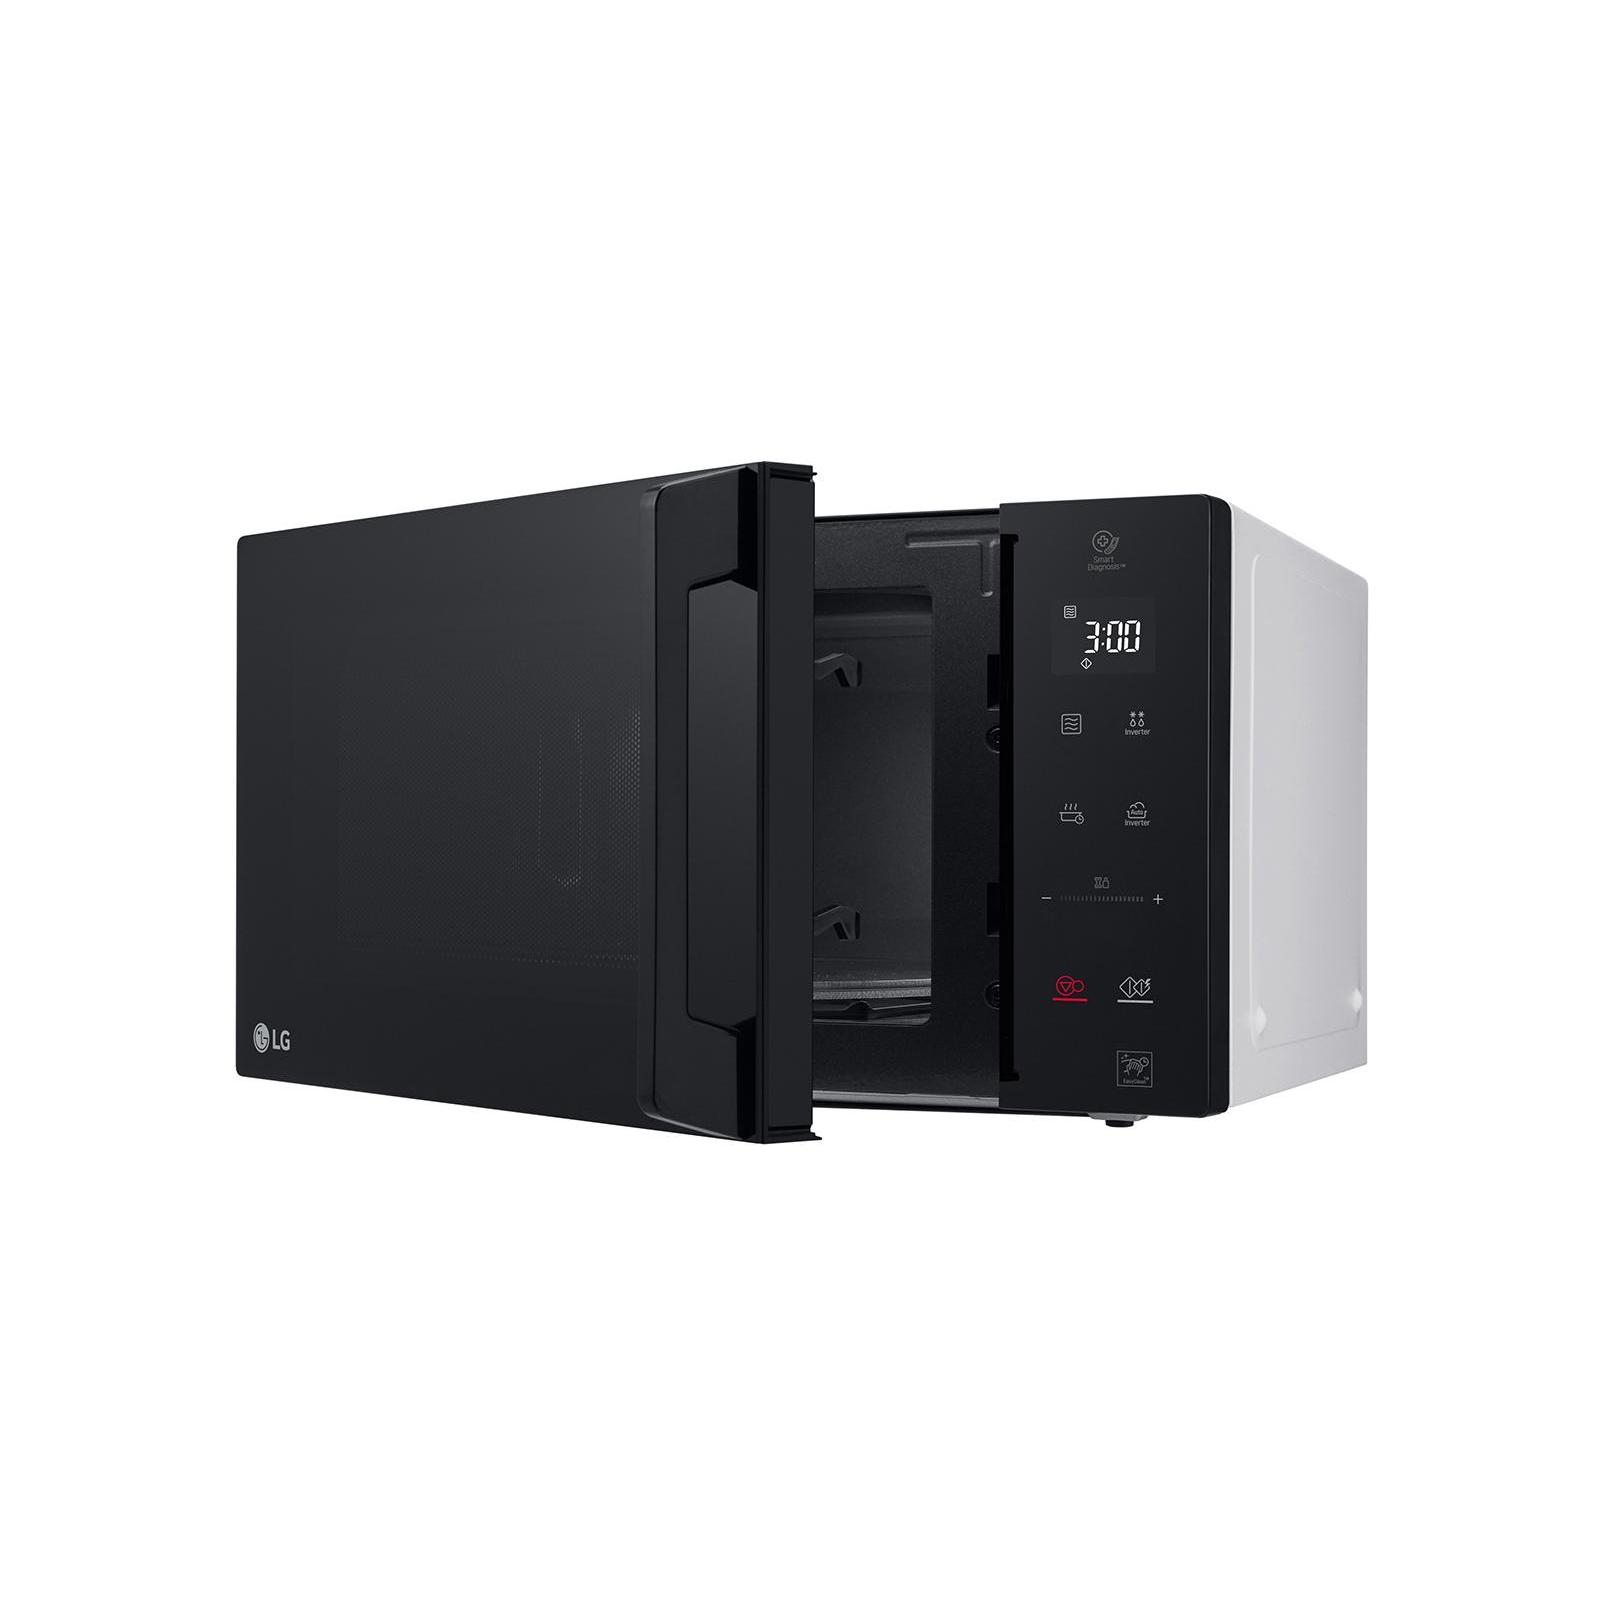 Микроволновая печь LG MS2595FISW изображение 5